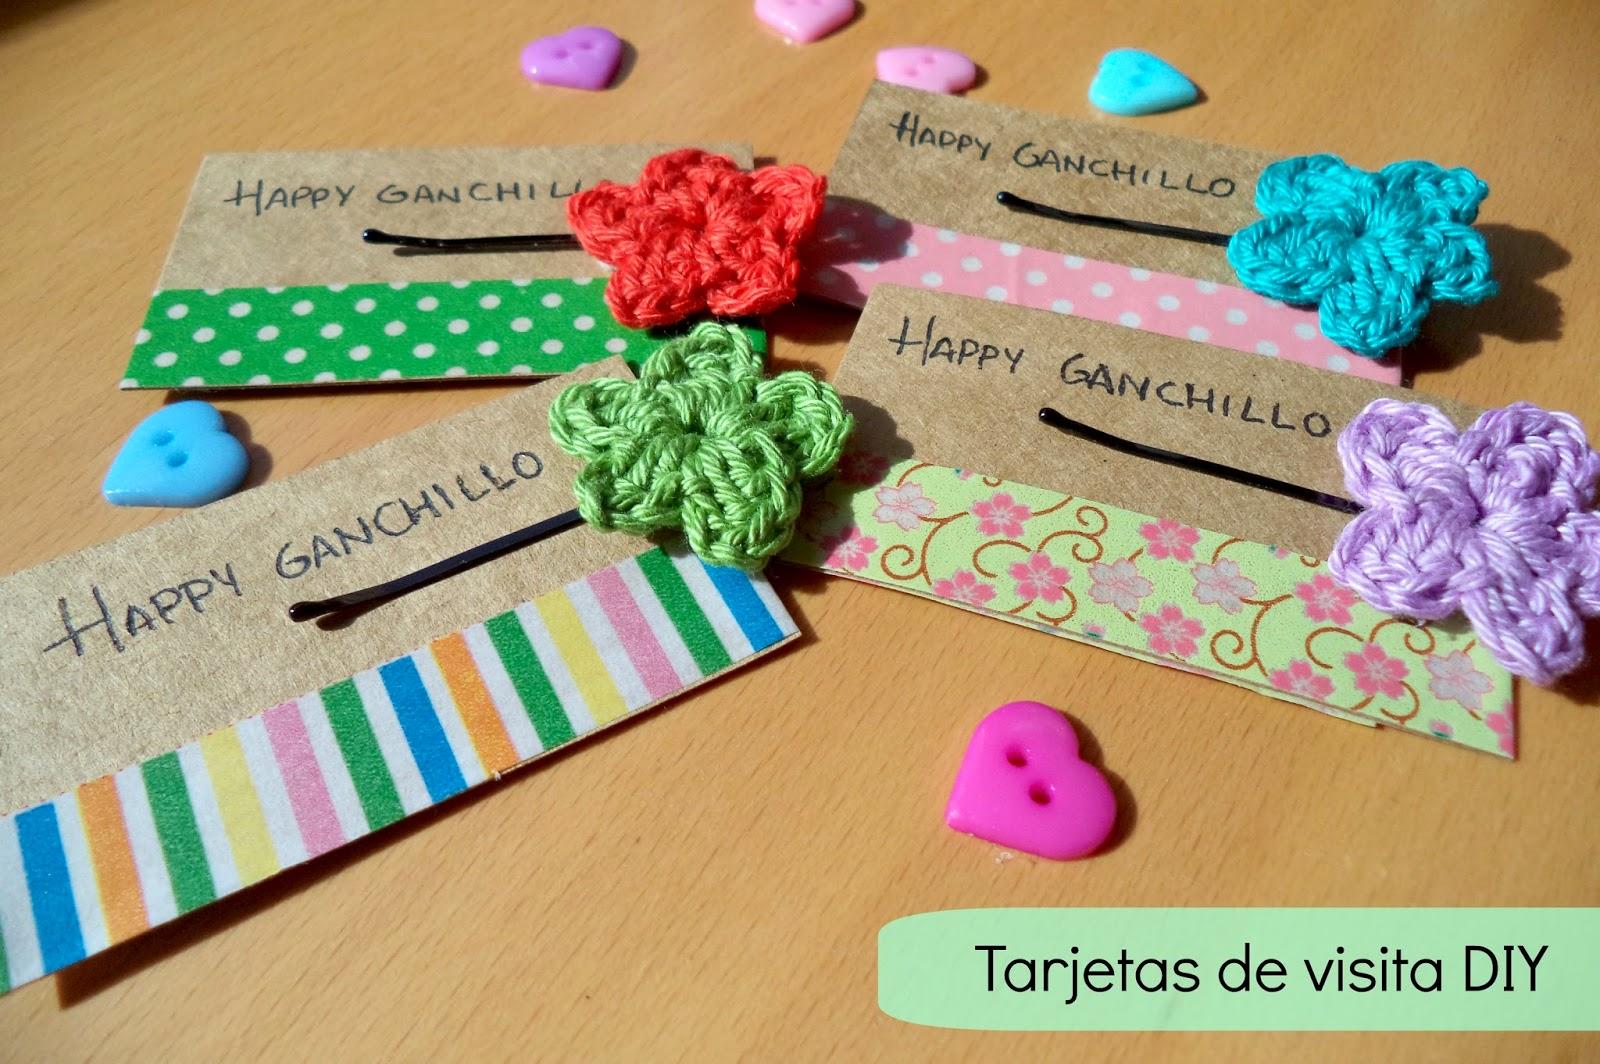 Happy Ganchillo Cmo hacer tarjetas de visita DIY